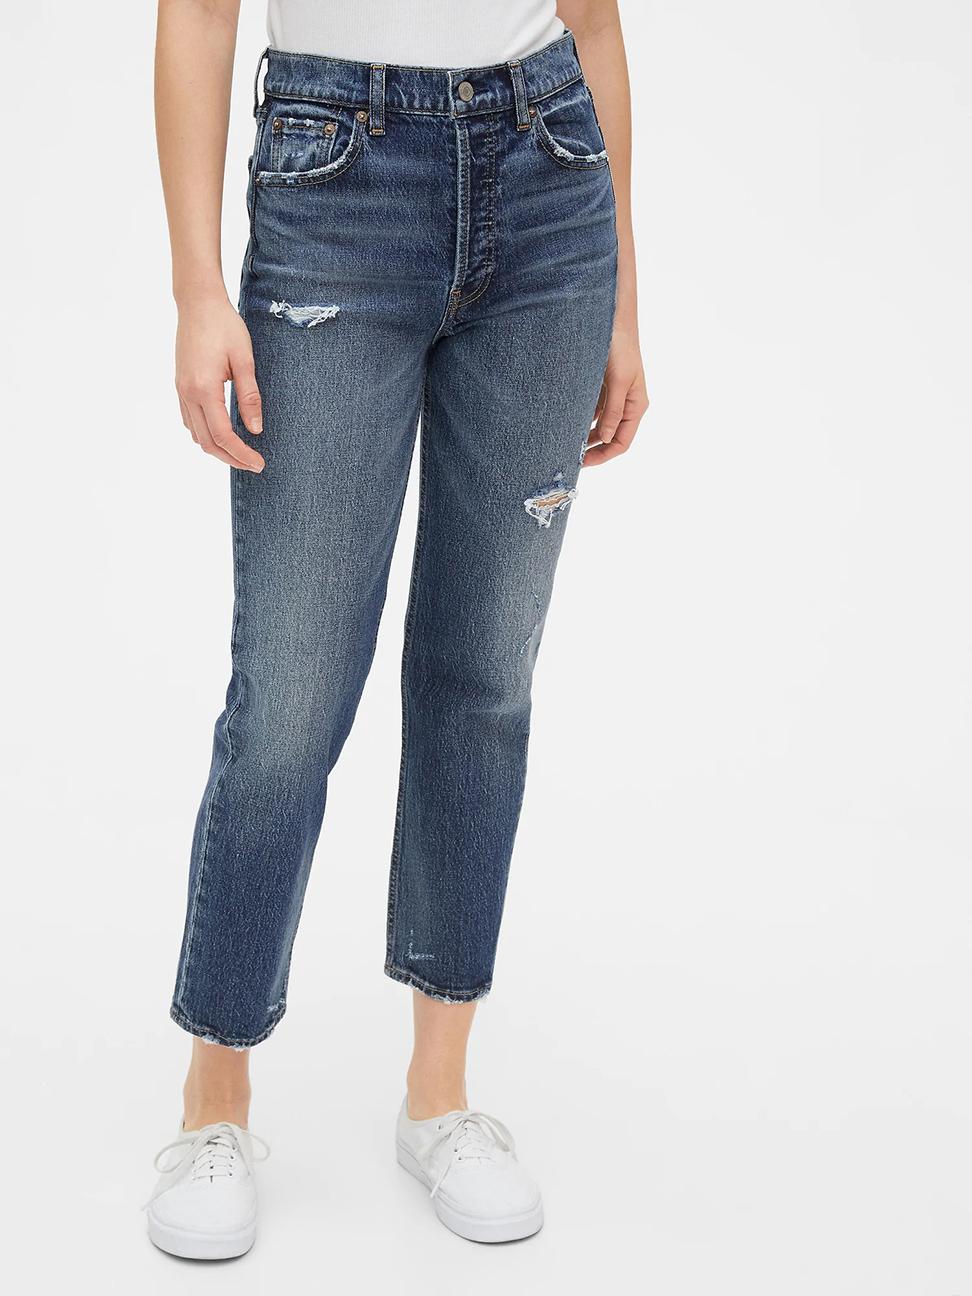 女裝 時尚水洗做舊破洞五口袋牛仔褲